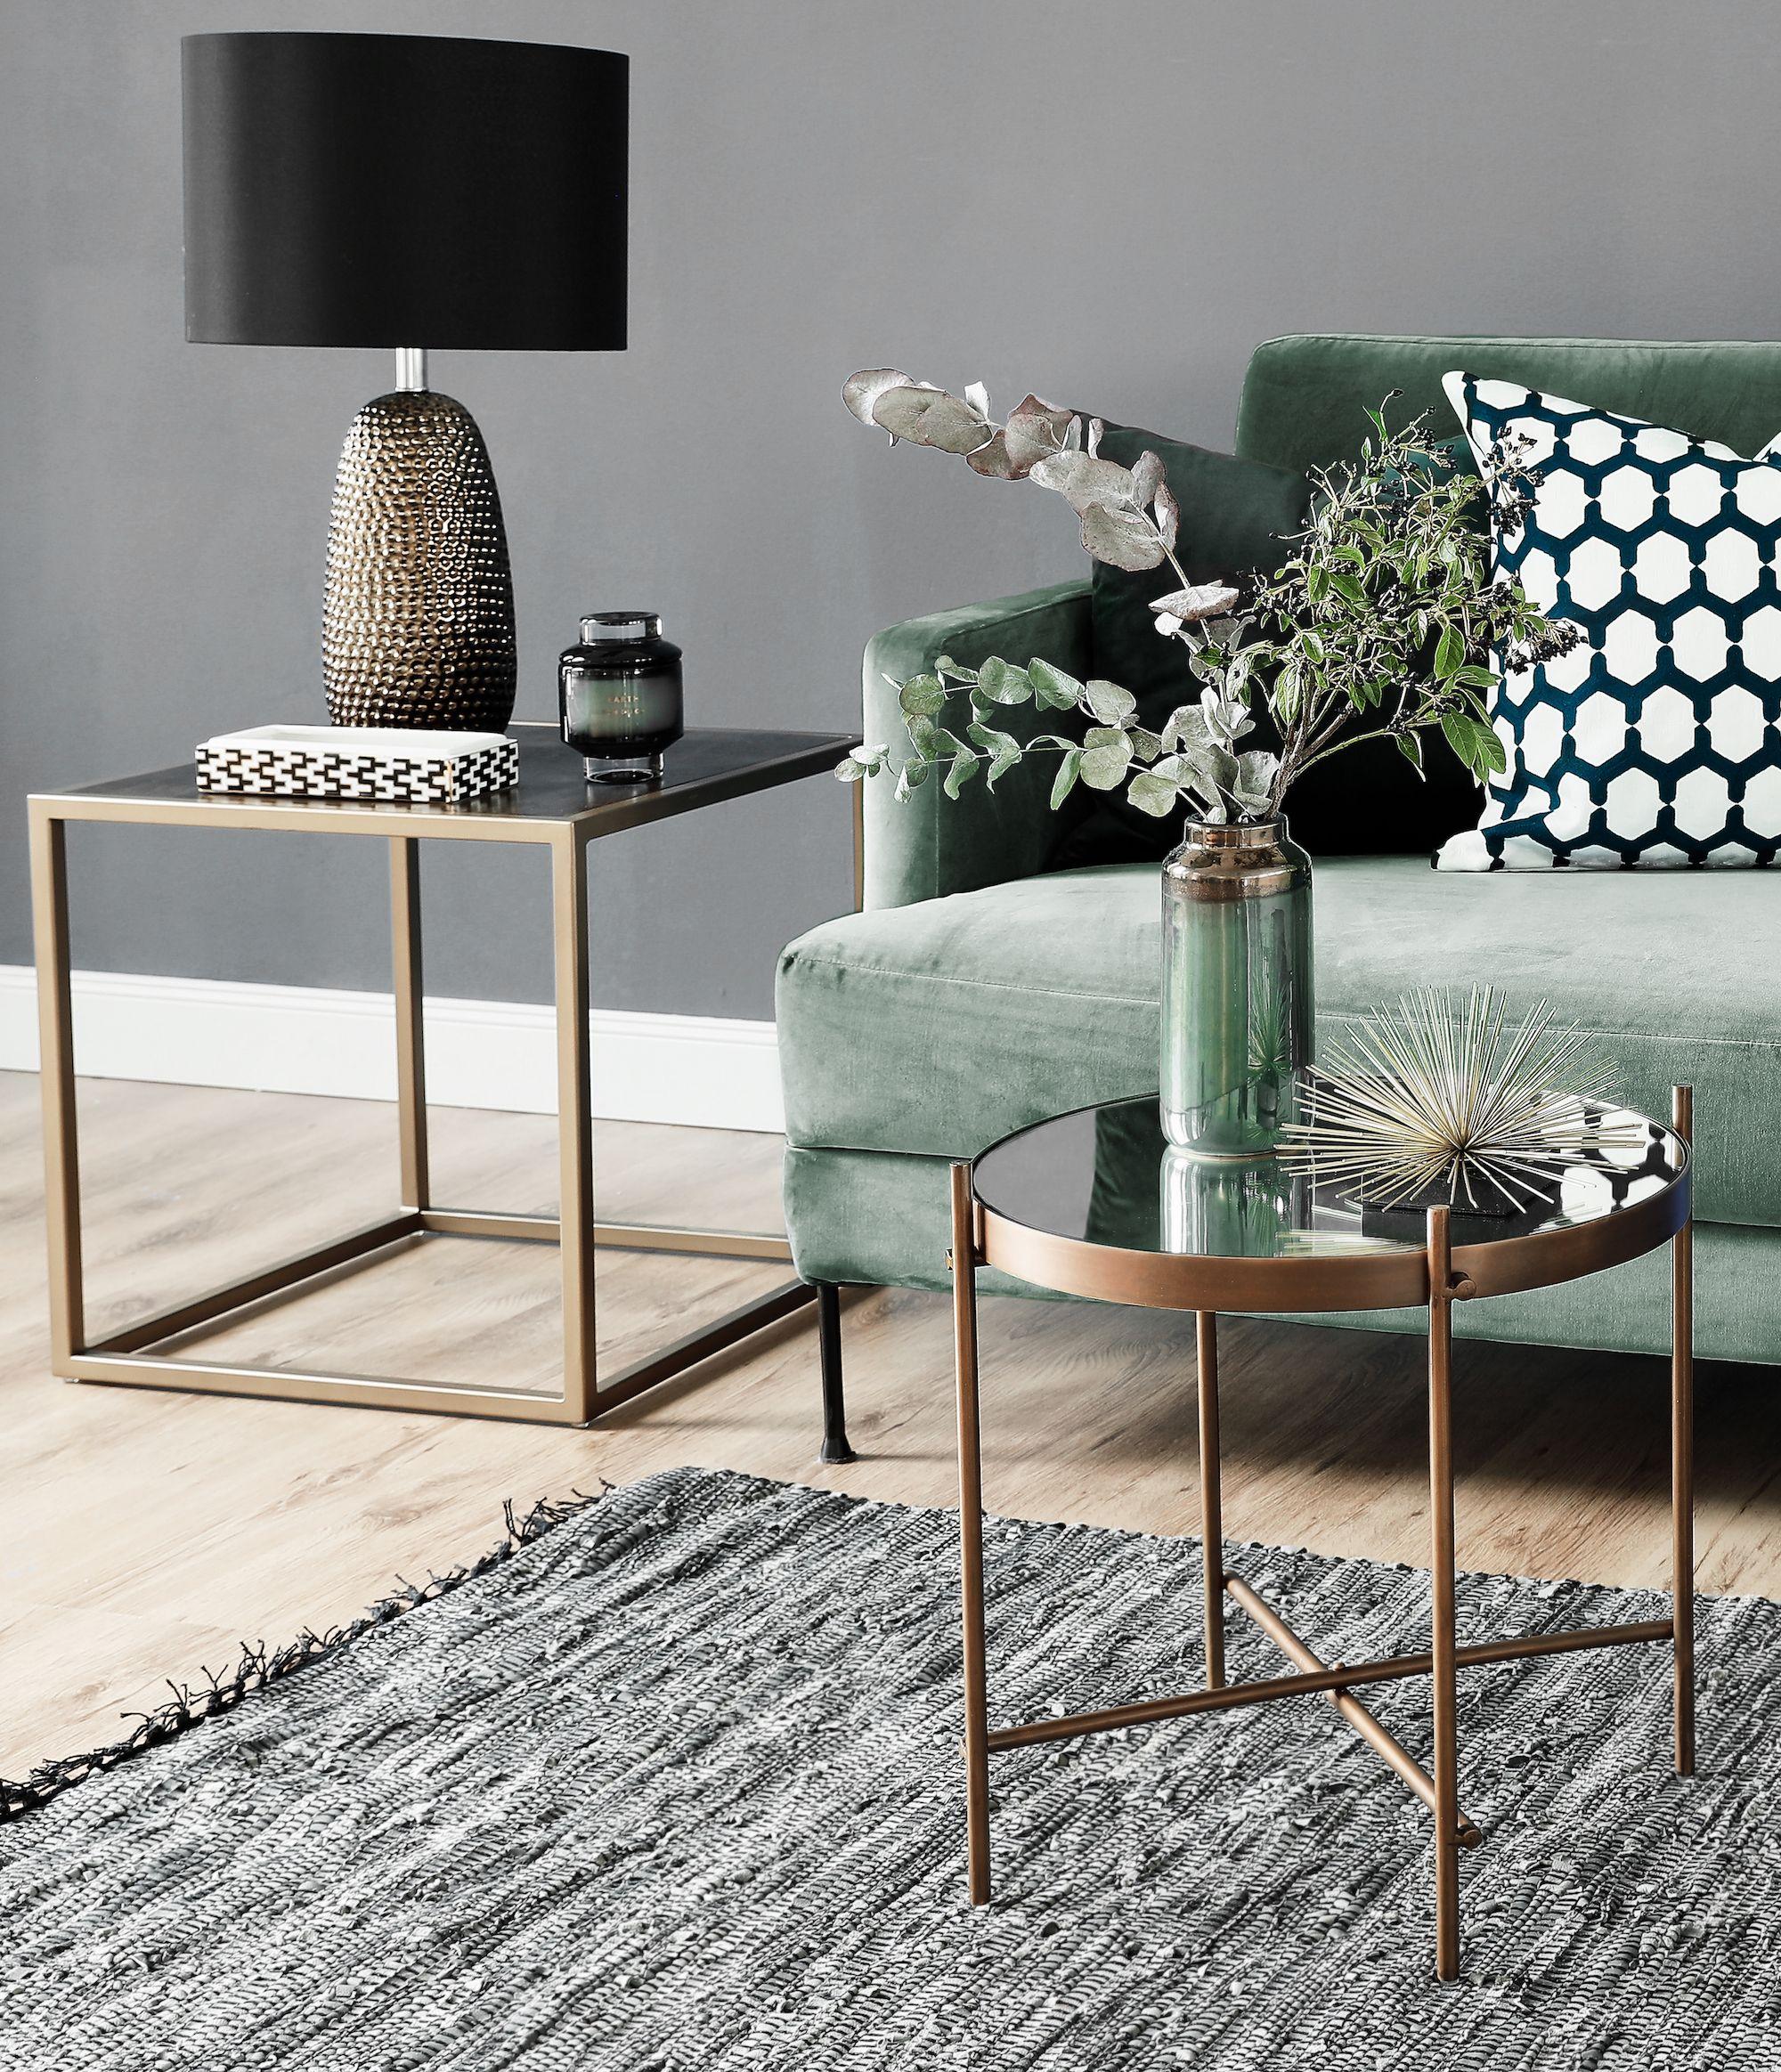 Wohnzimmer | Wohnen | Pinterest | Wohnzimmer, Wohnen und Einrichtung